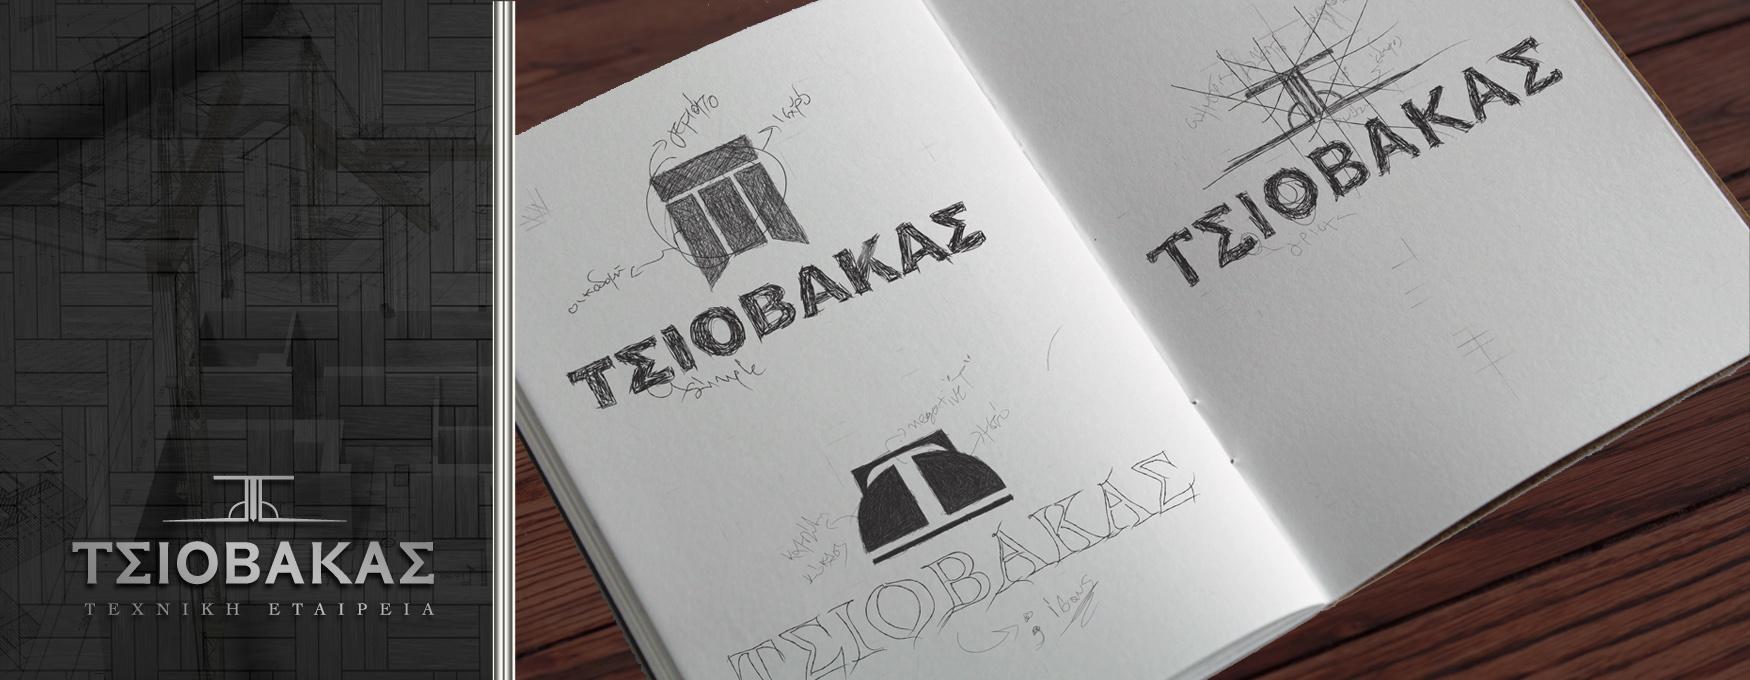 tsiovakas_logo_sketch